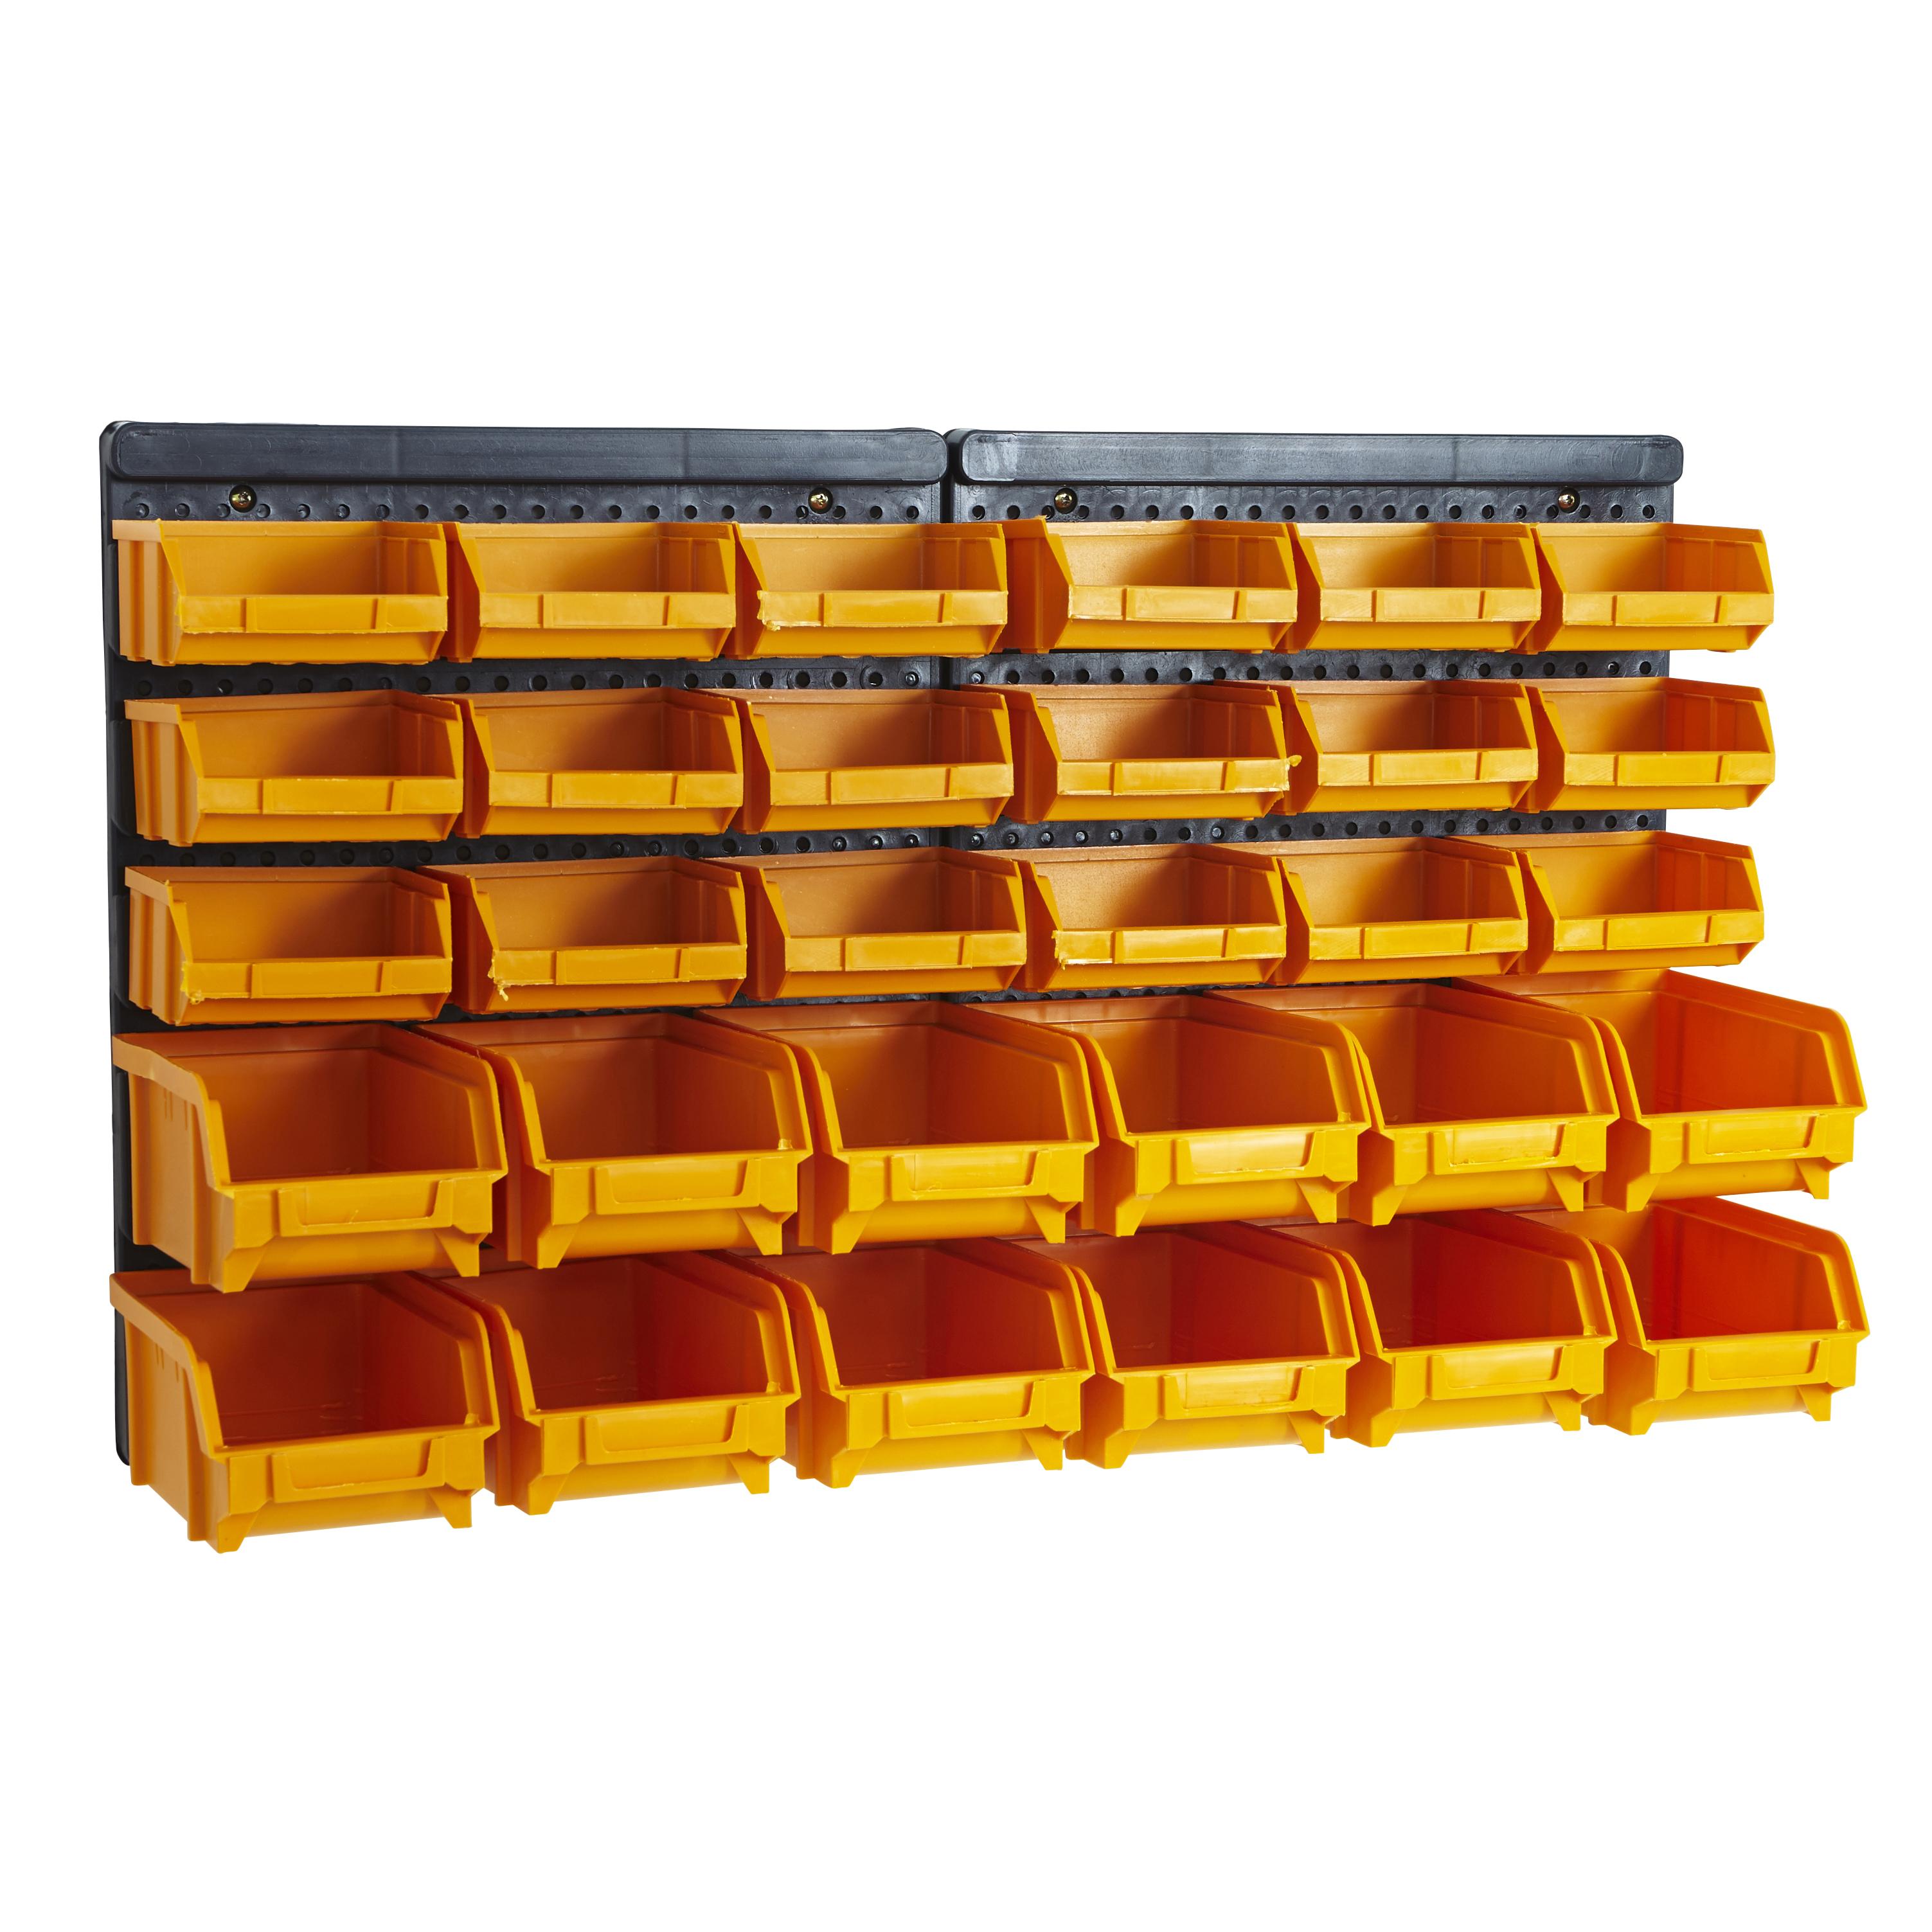 Flexible Garage Wall Storage: Garage Wall Tool Panel Rack Kit Shelves Part Bins Storage